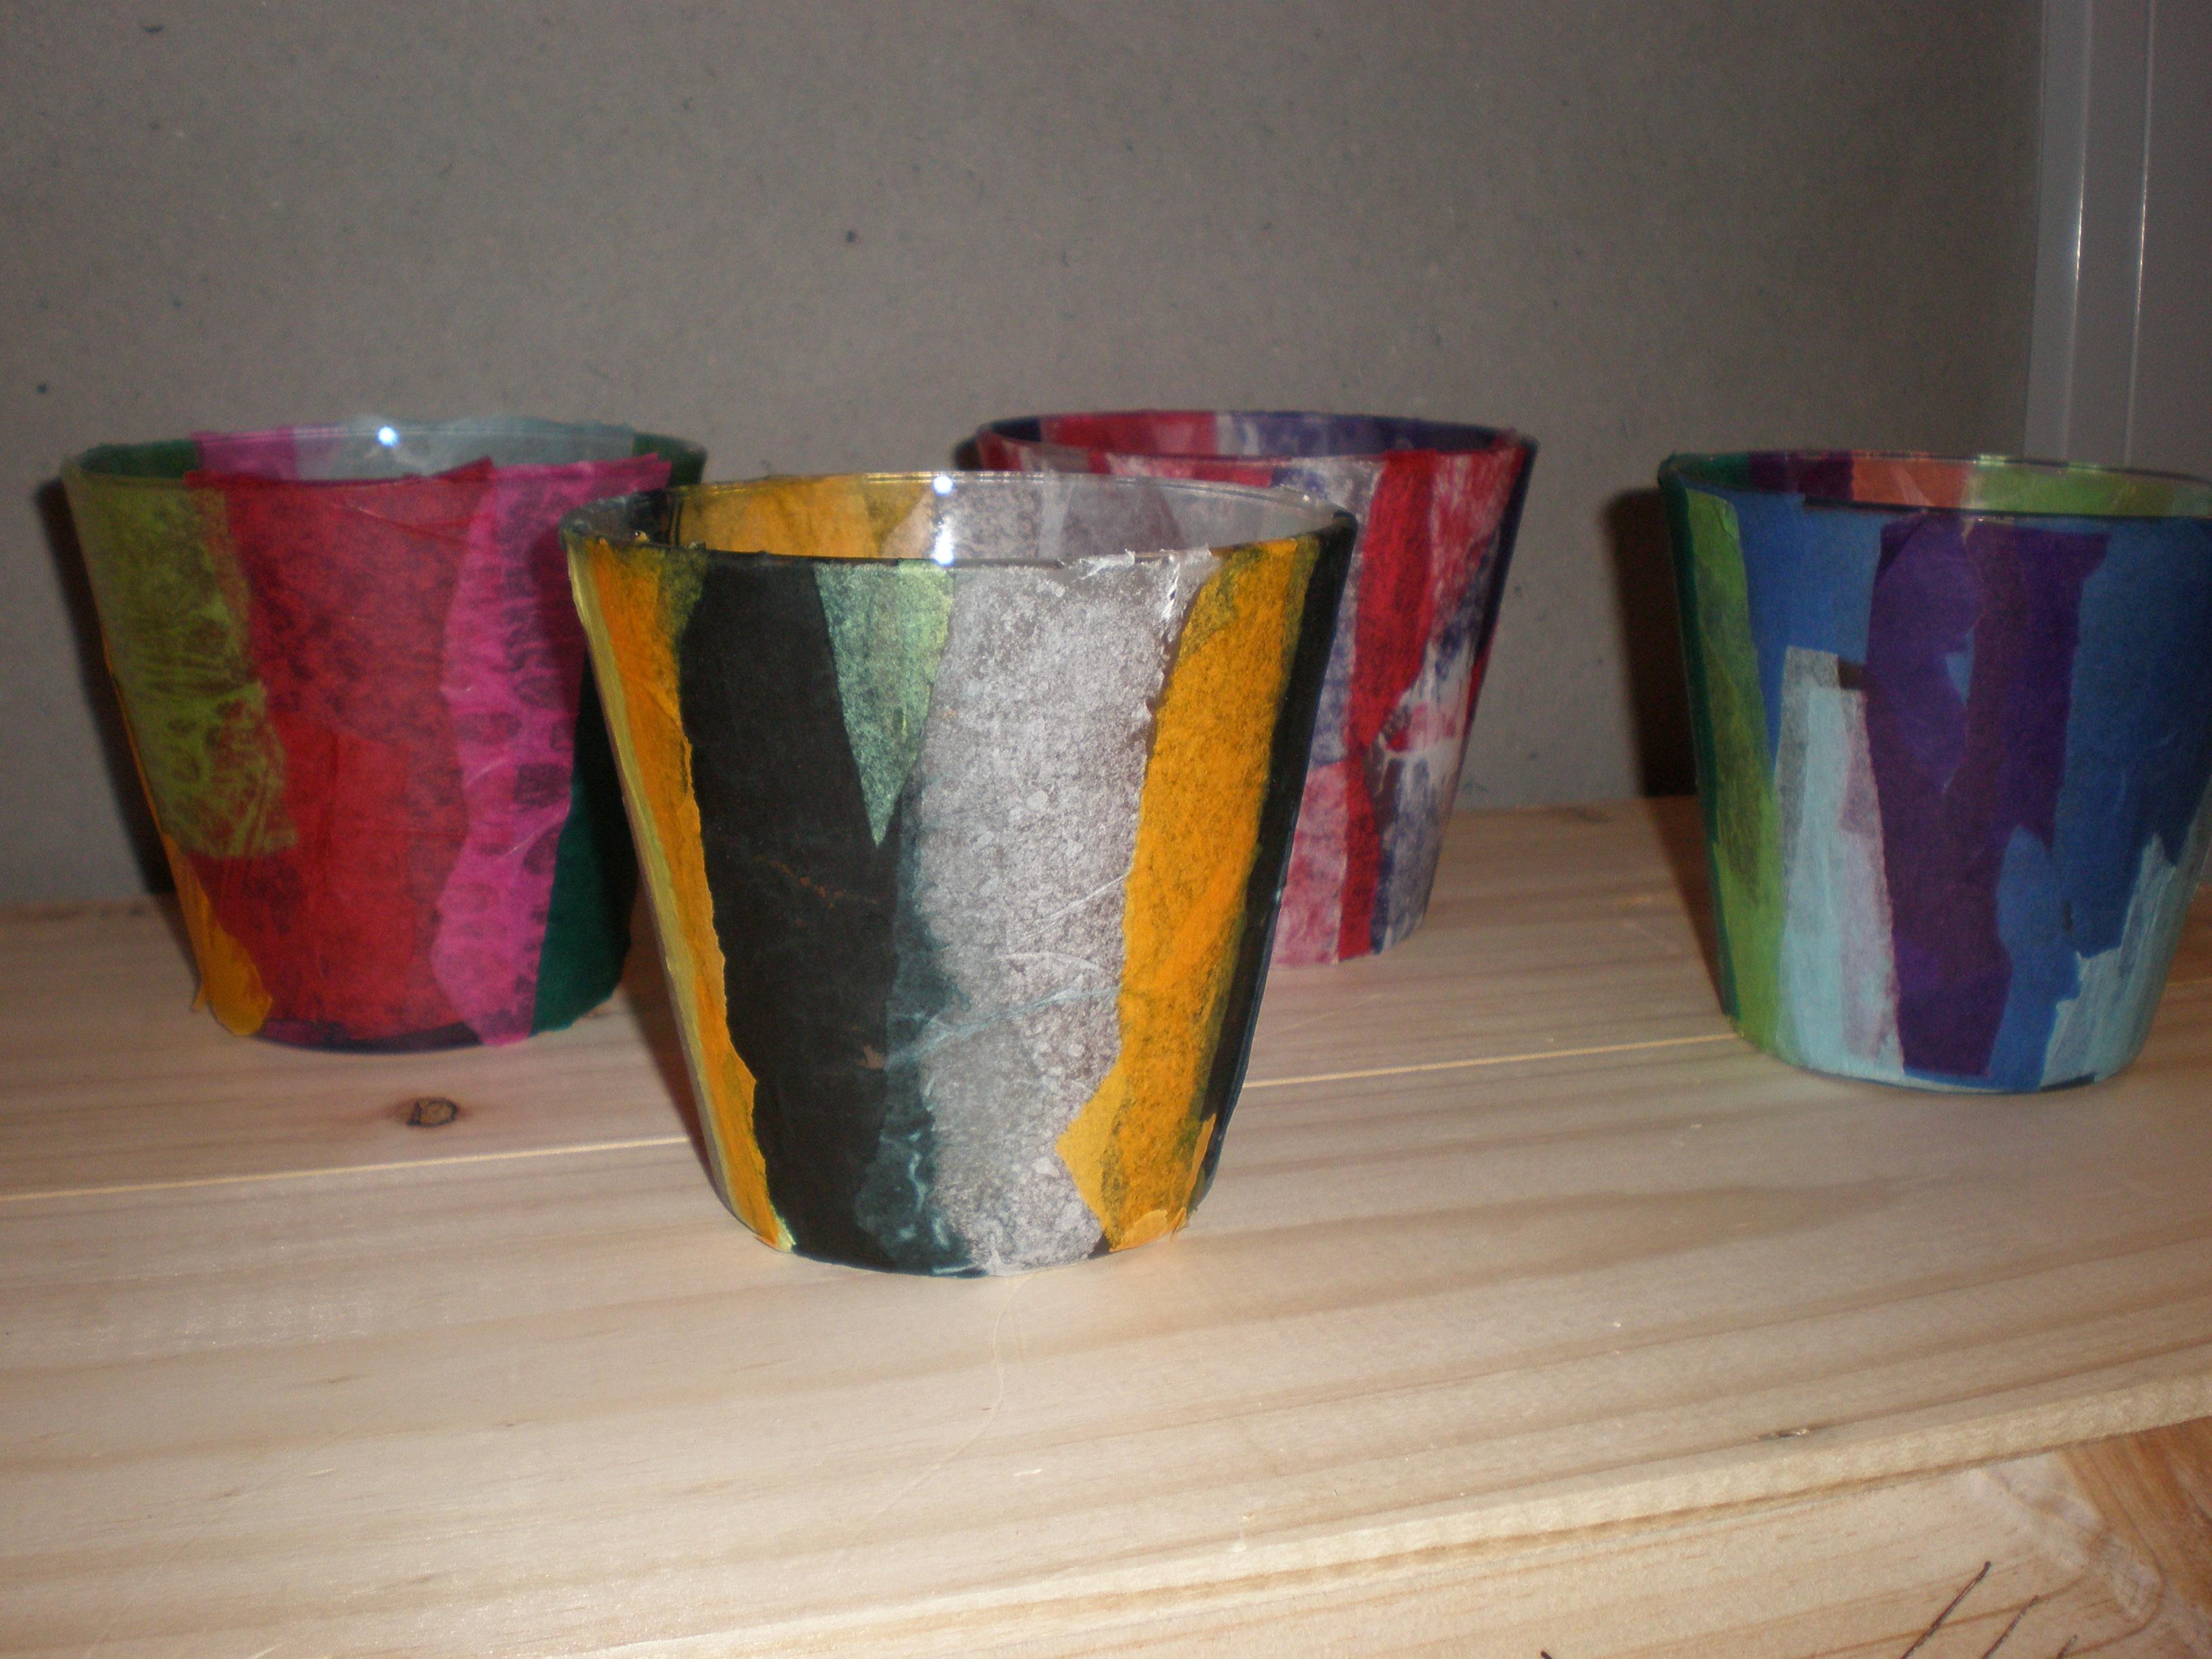 Atelier für Gestaltung, Arbeiten mit Glas